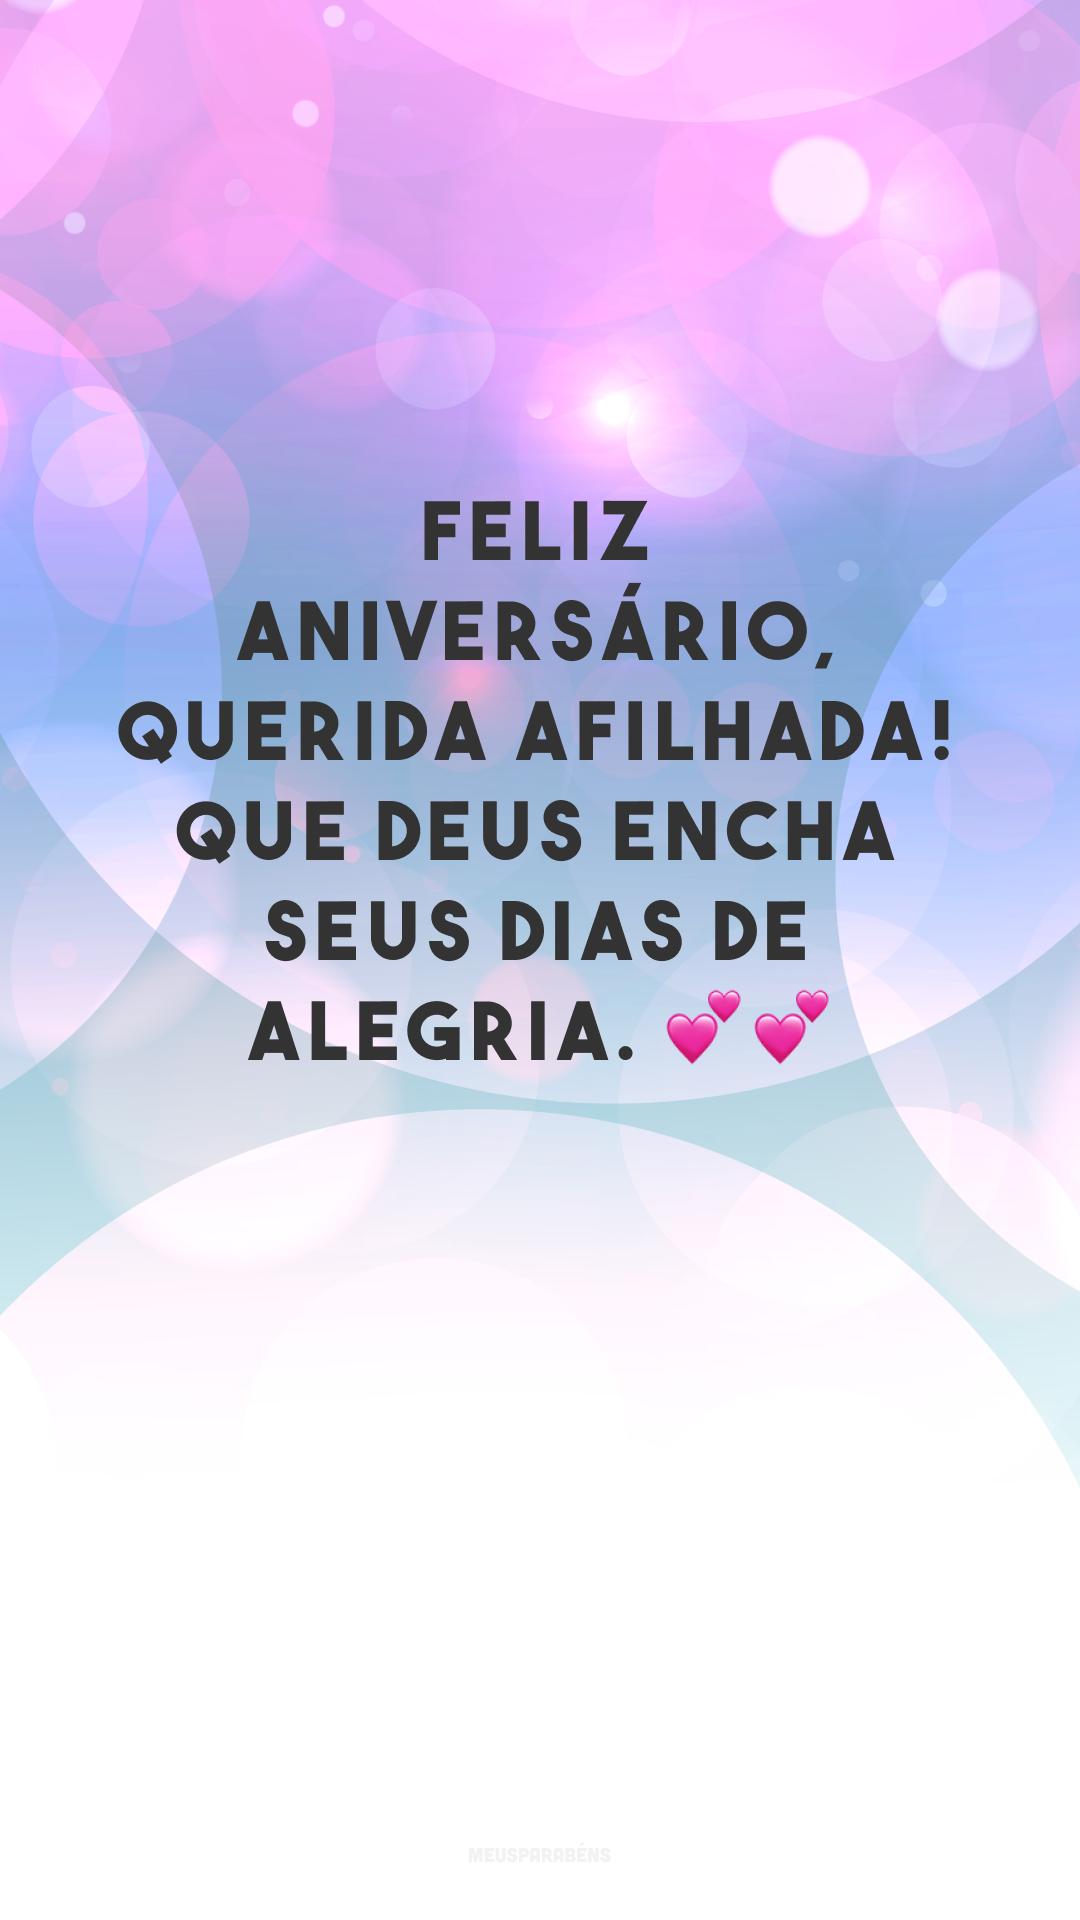 Feliz aniversário, querida afilhada! Que Deus encha seus dias de alegria. ??